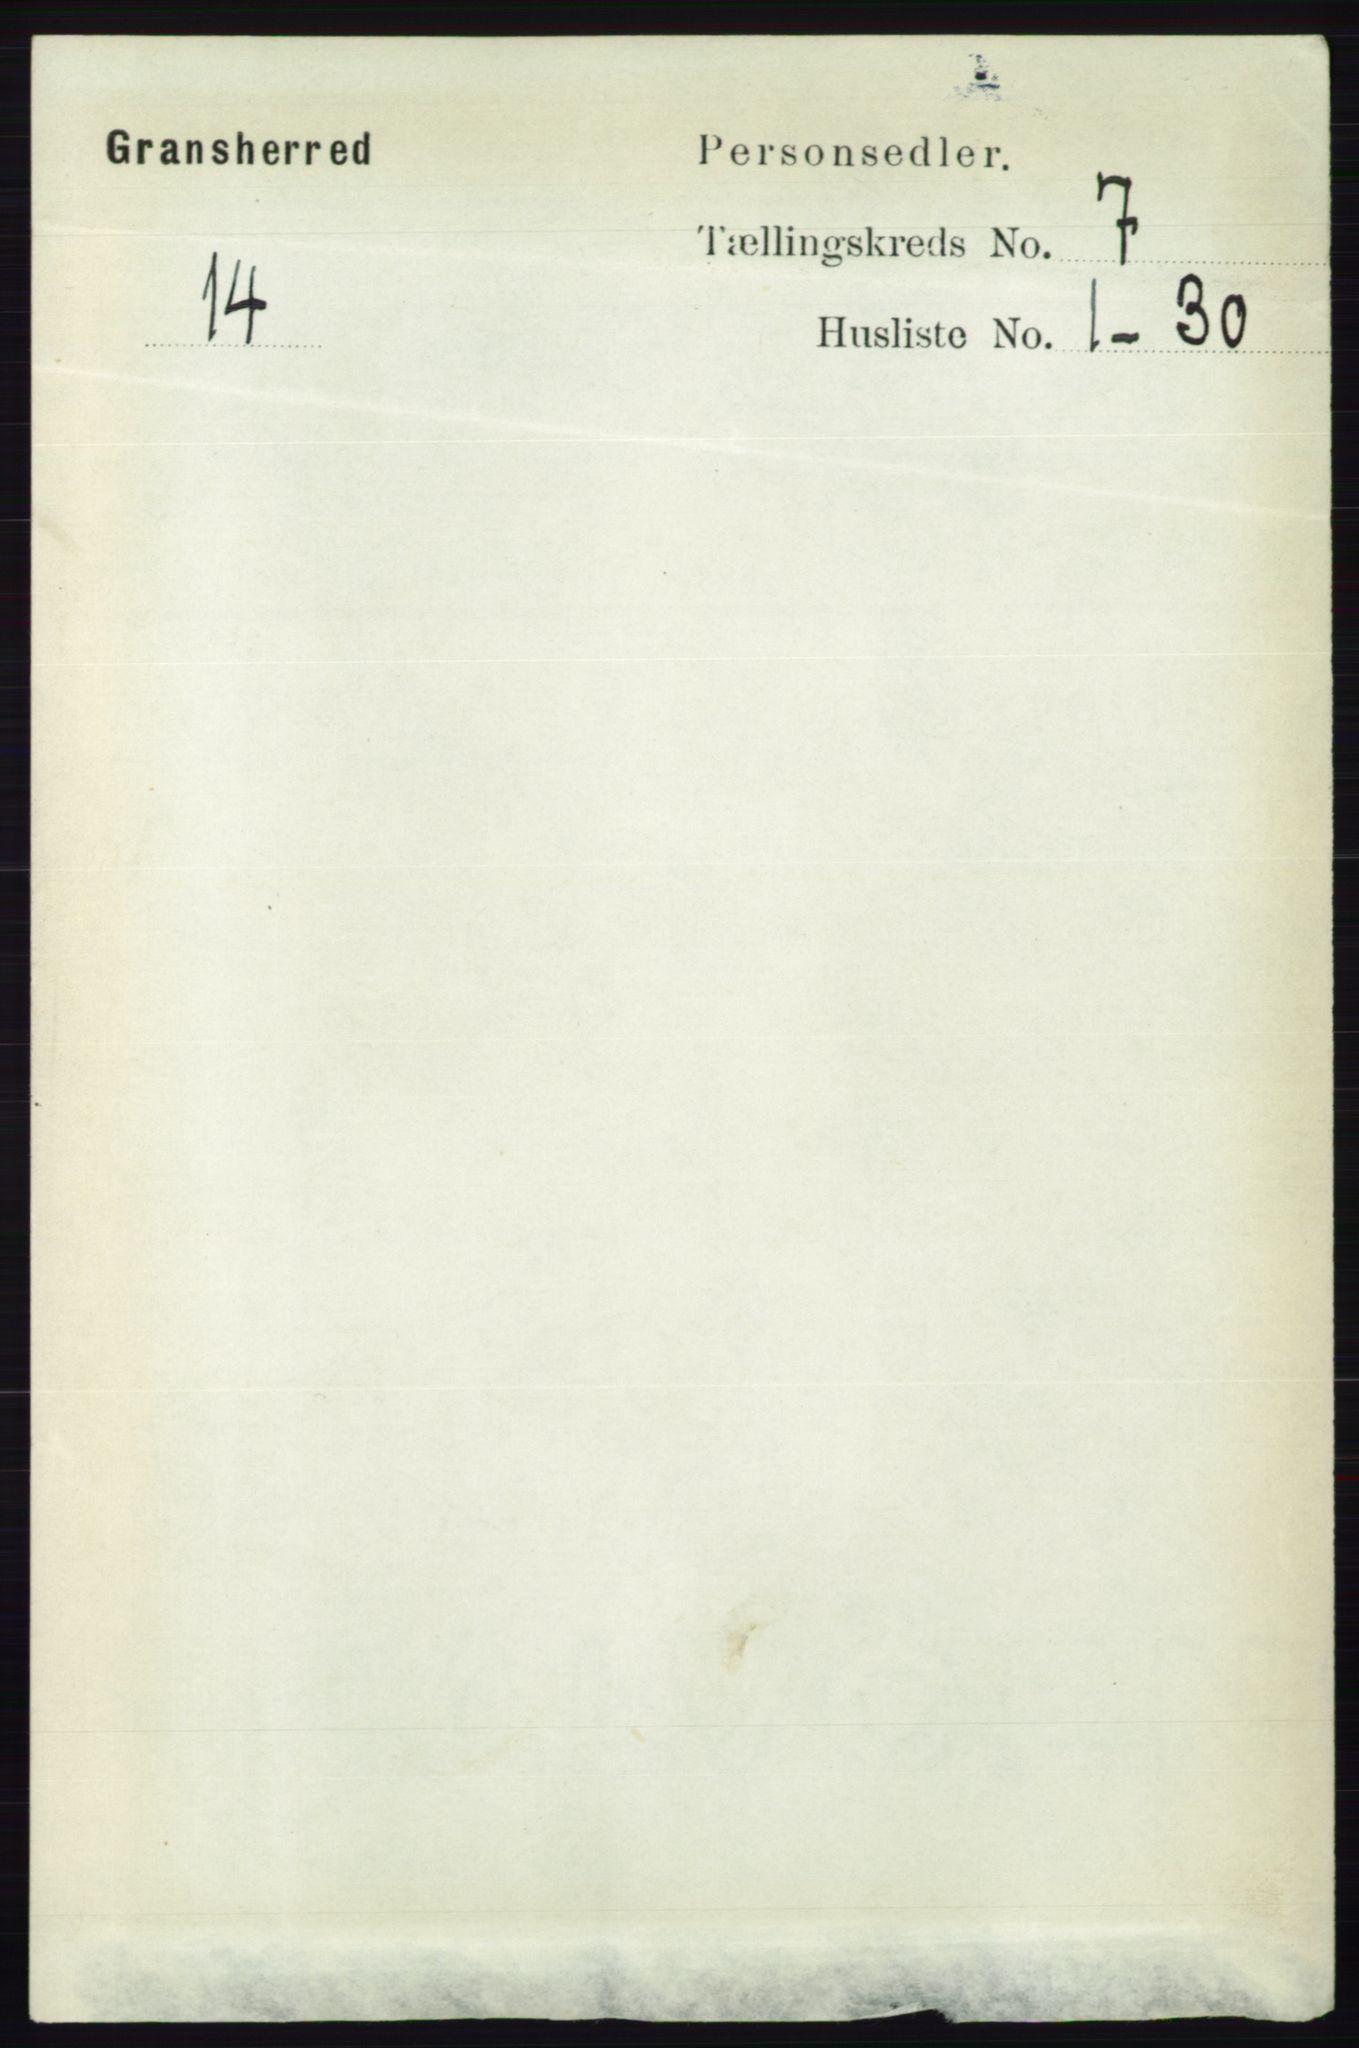 RA, Folketelling 1891 for 0824 Gransherad herred, 1891, s. 1189